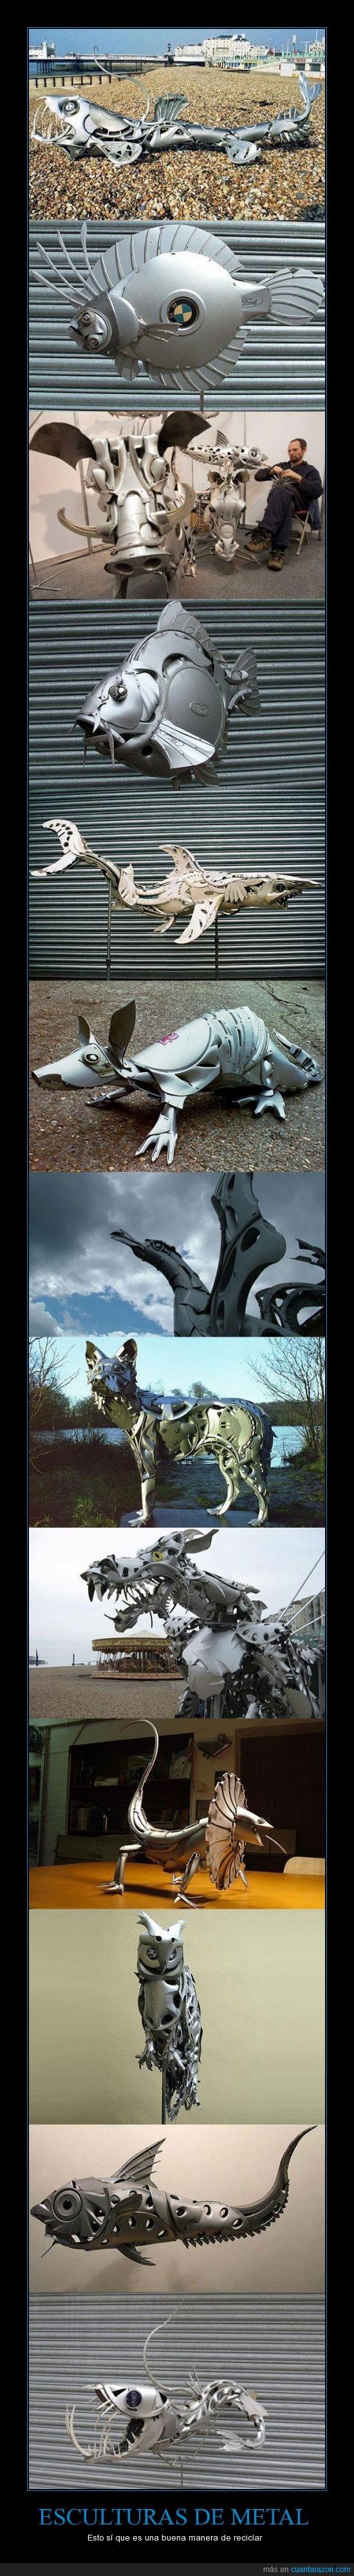 esculturas,metal,reciclar,salvar el mundo,soy batman,tapacubos